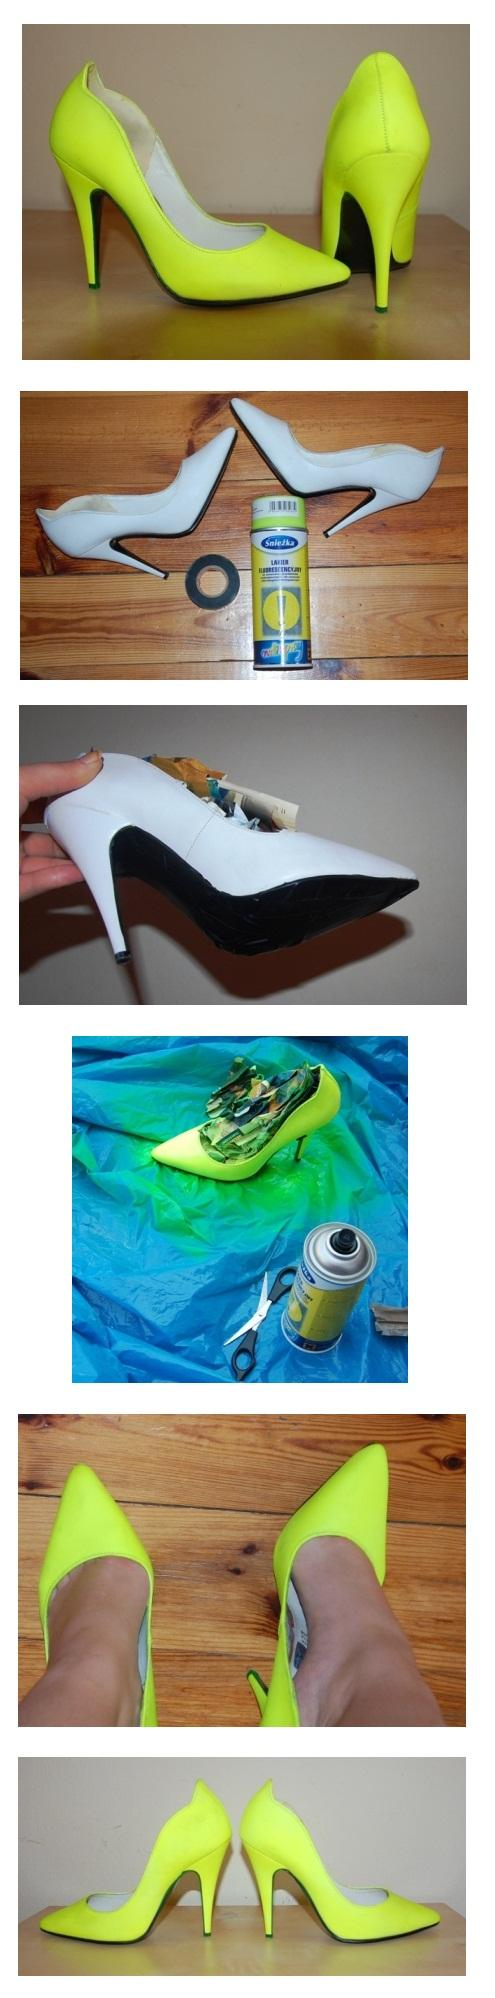 NEON SHOES Buty kupione w SH za 1zł (nowe!!), pomalowane fluorescencyjnym żółtym sprayem. Efekt murowany!!